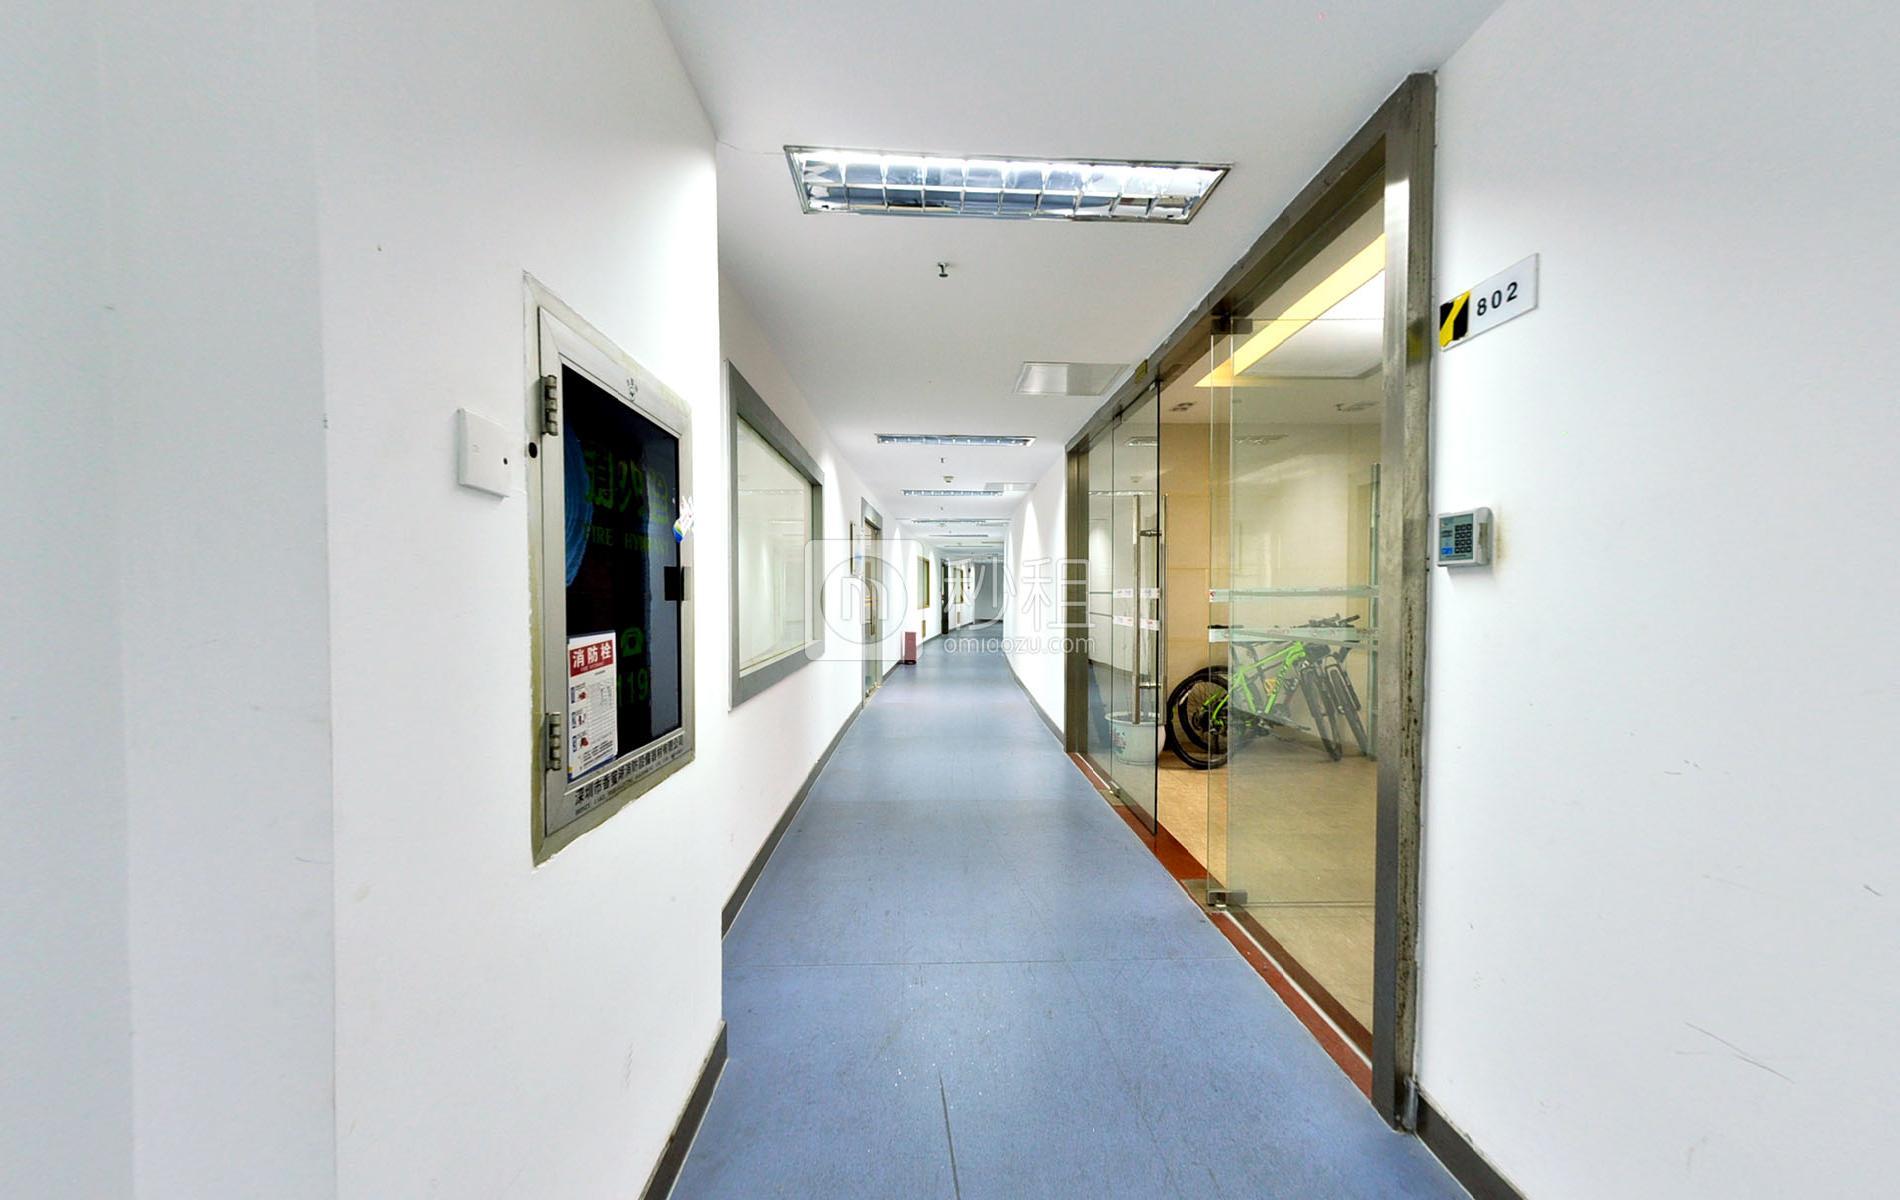 科技园工业大厦写字楼出租/招租/租赁,科技园工业大厦办公室出租/招租/租赁